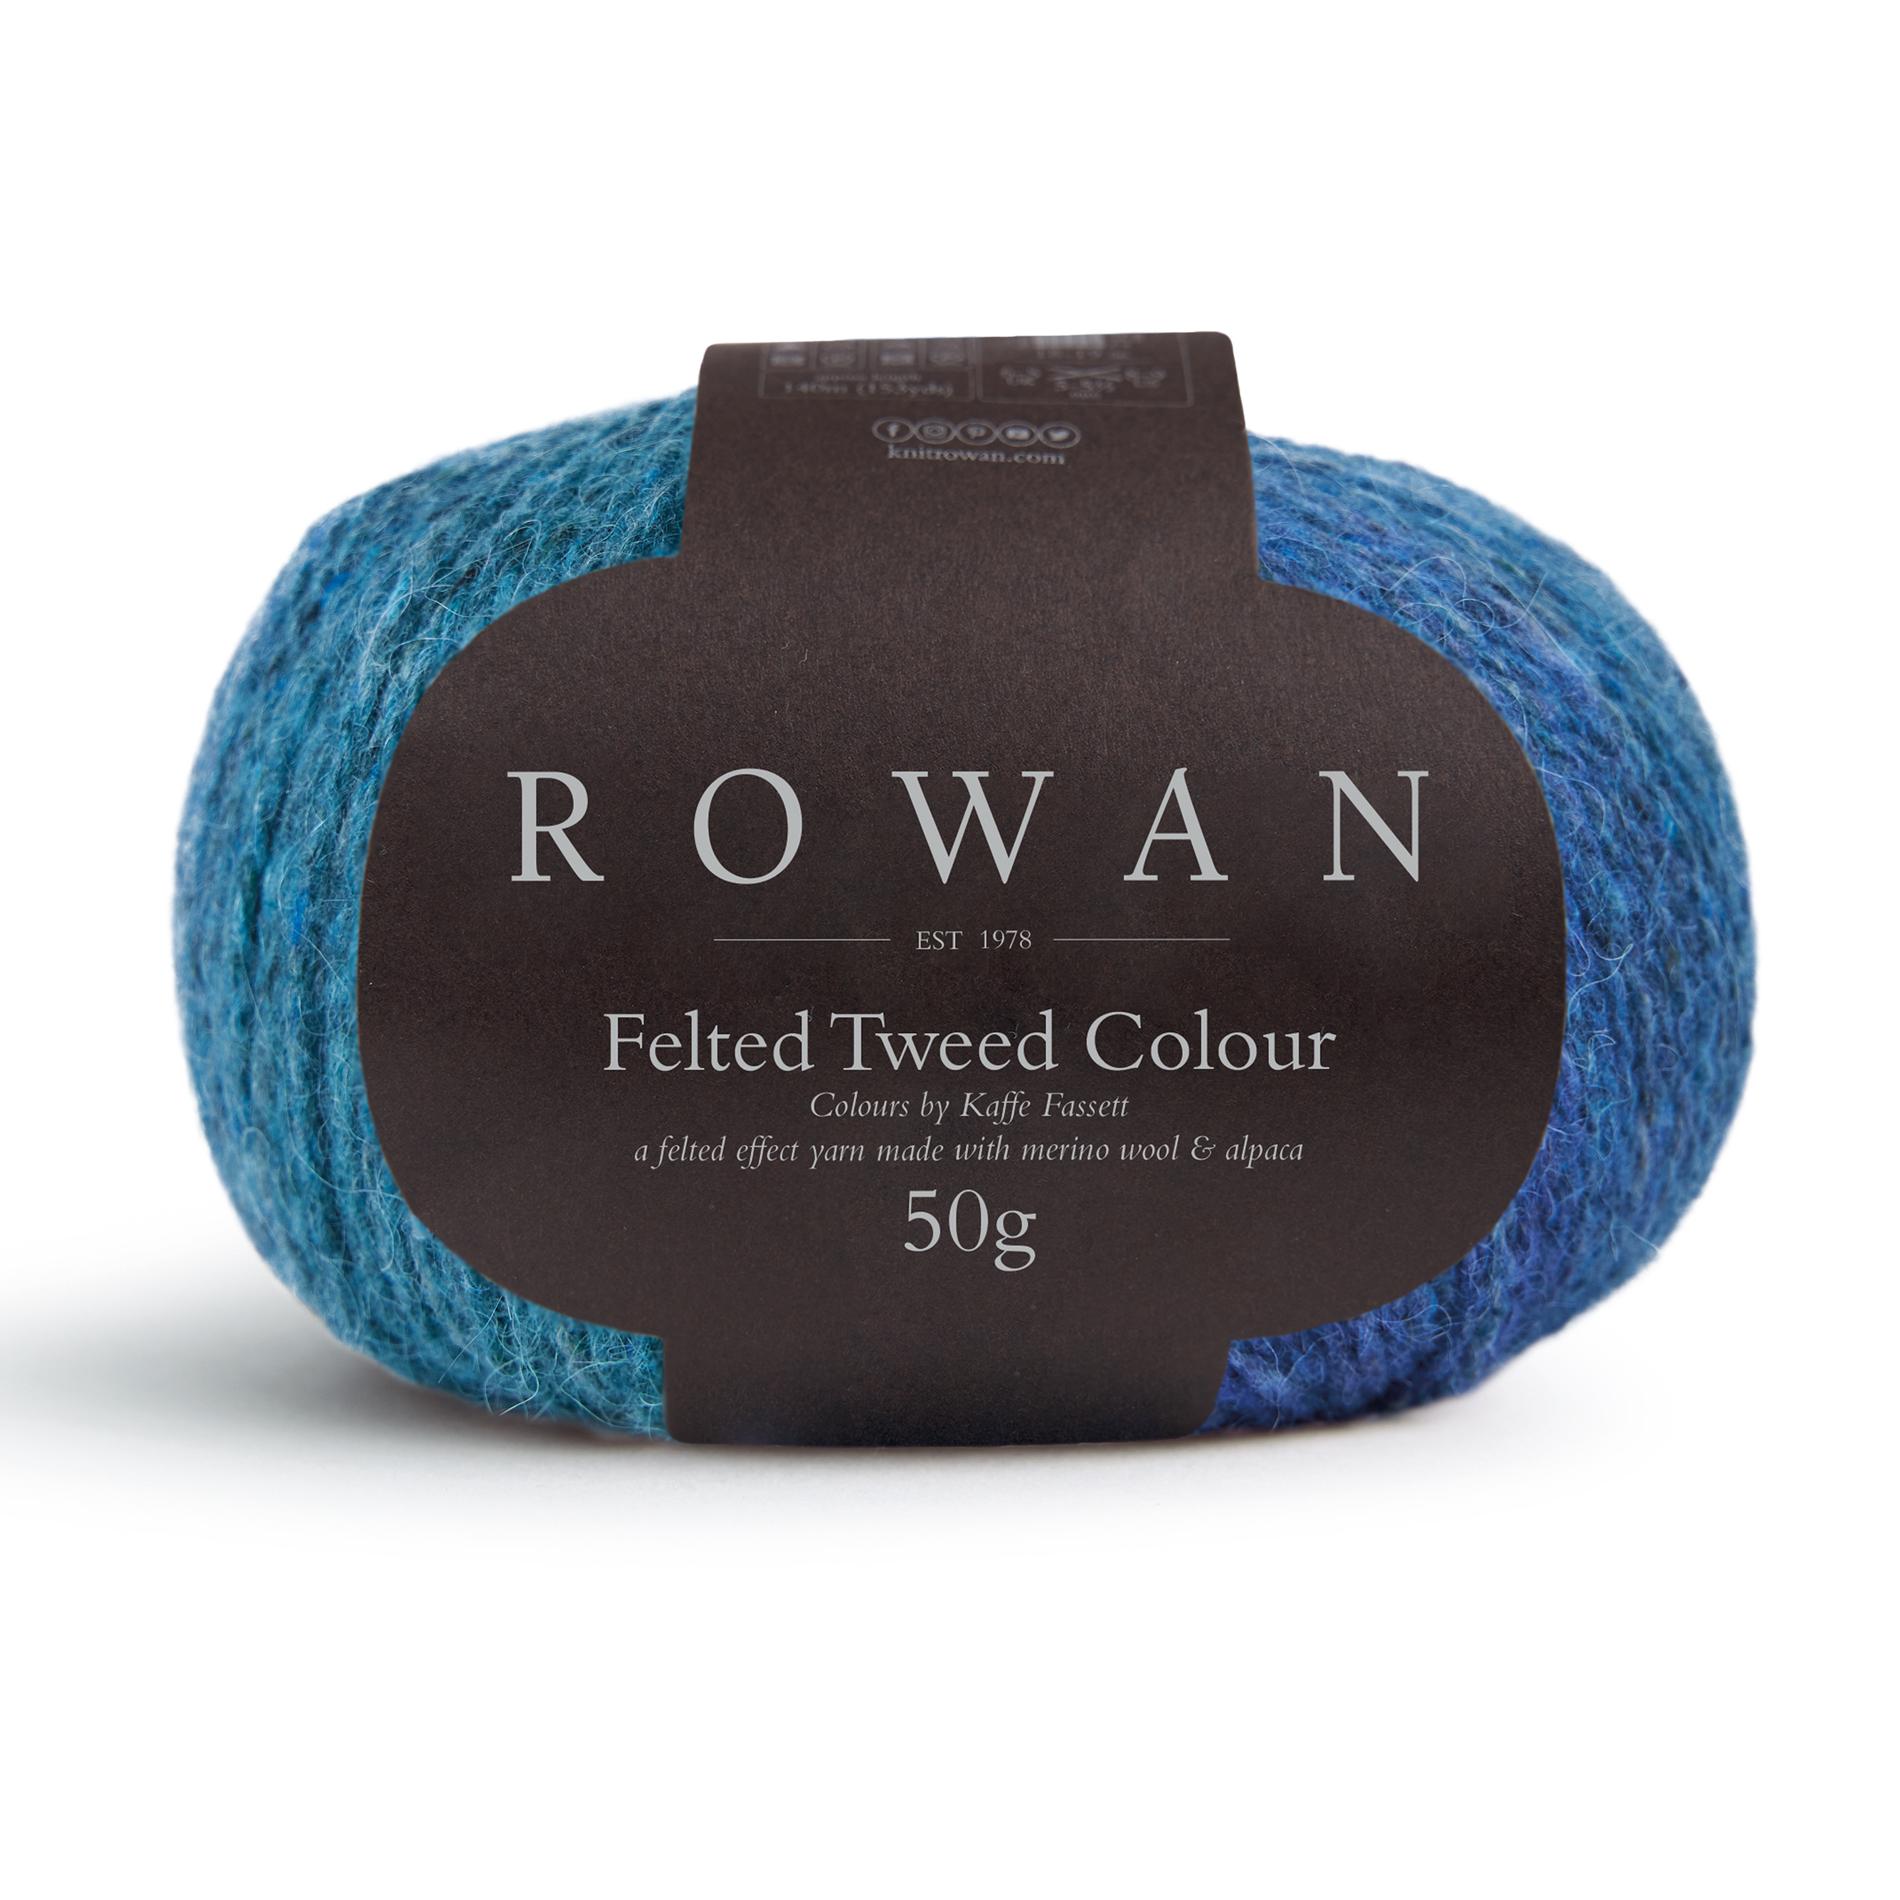 Rowan Felted Tweed Colour color breigaren kaffe fassett bij de Afstap Amsterdam 026